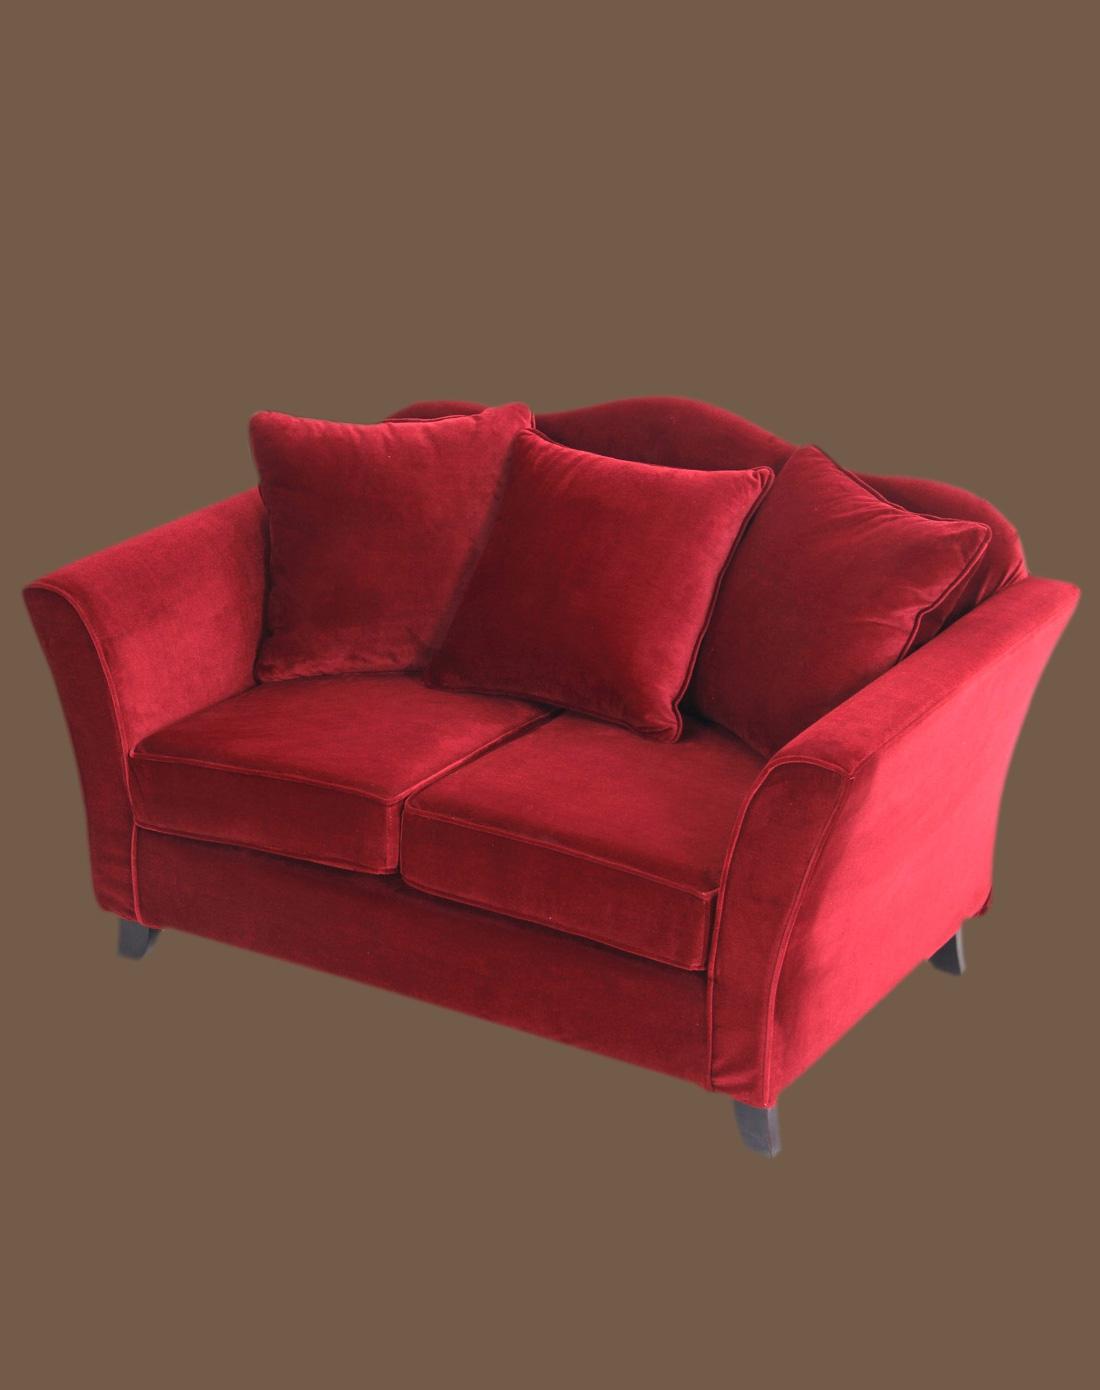 美式古典布艺两人沙发图片